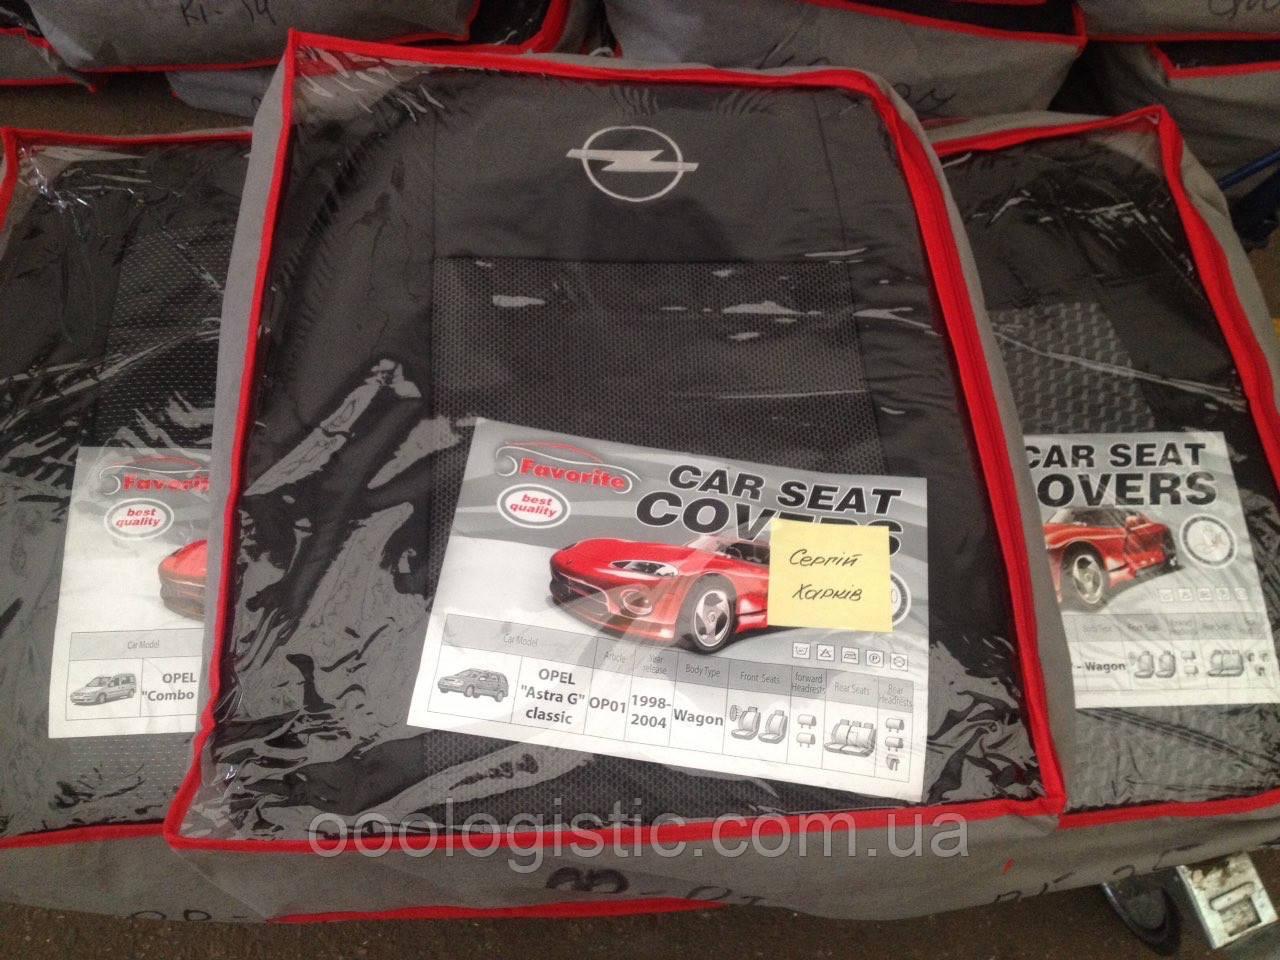 Авточехлы Favorite на Opel Astra G classic 1998-2004 ,Опель Астра G классик модельный комплект